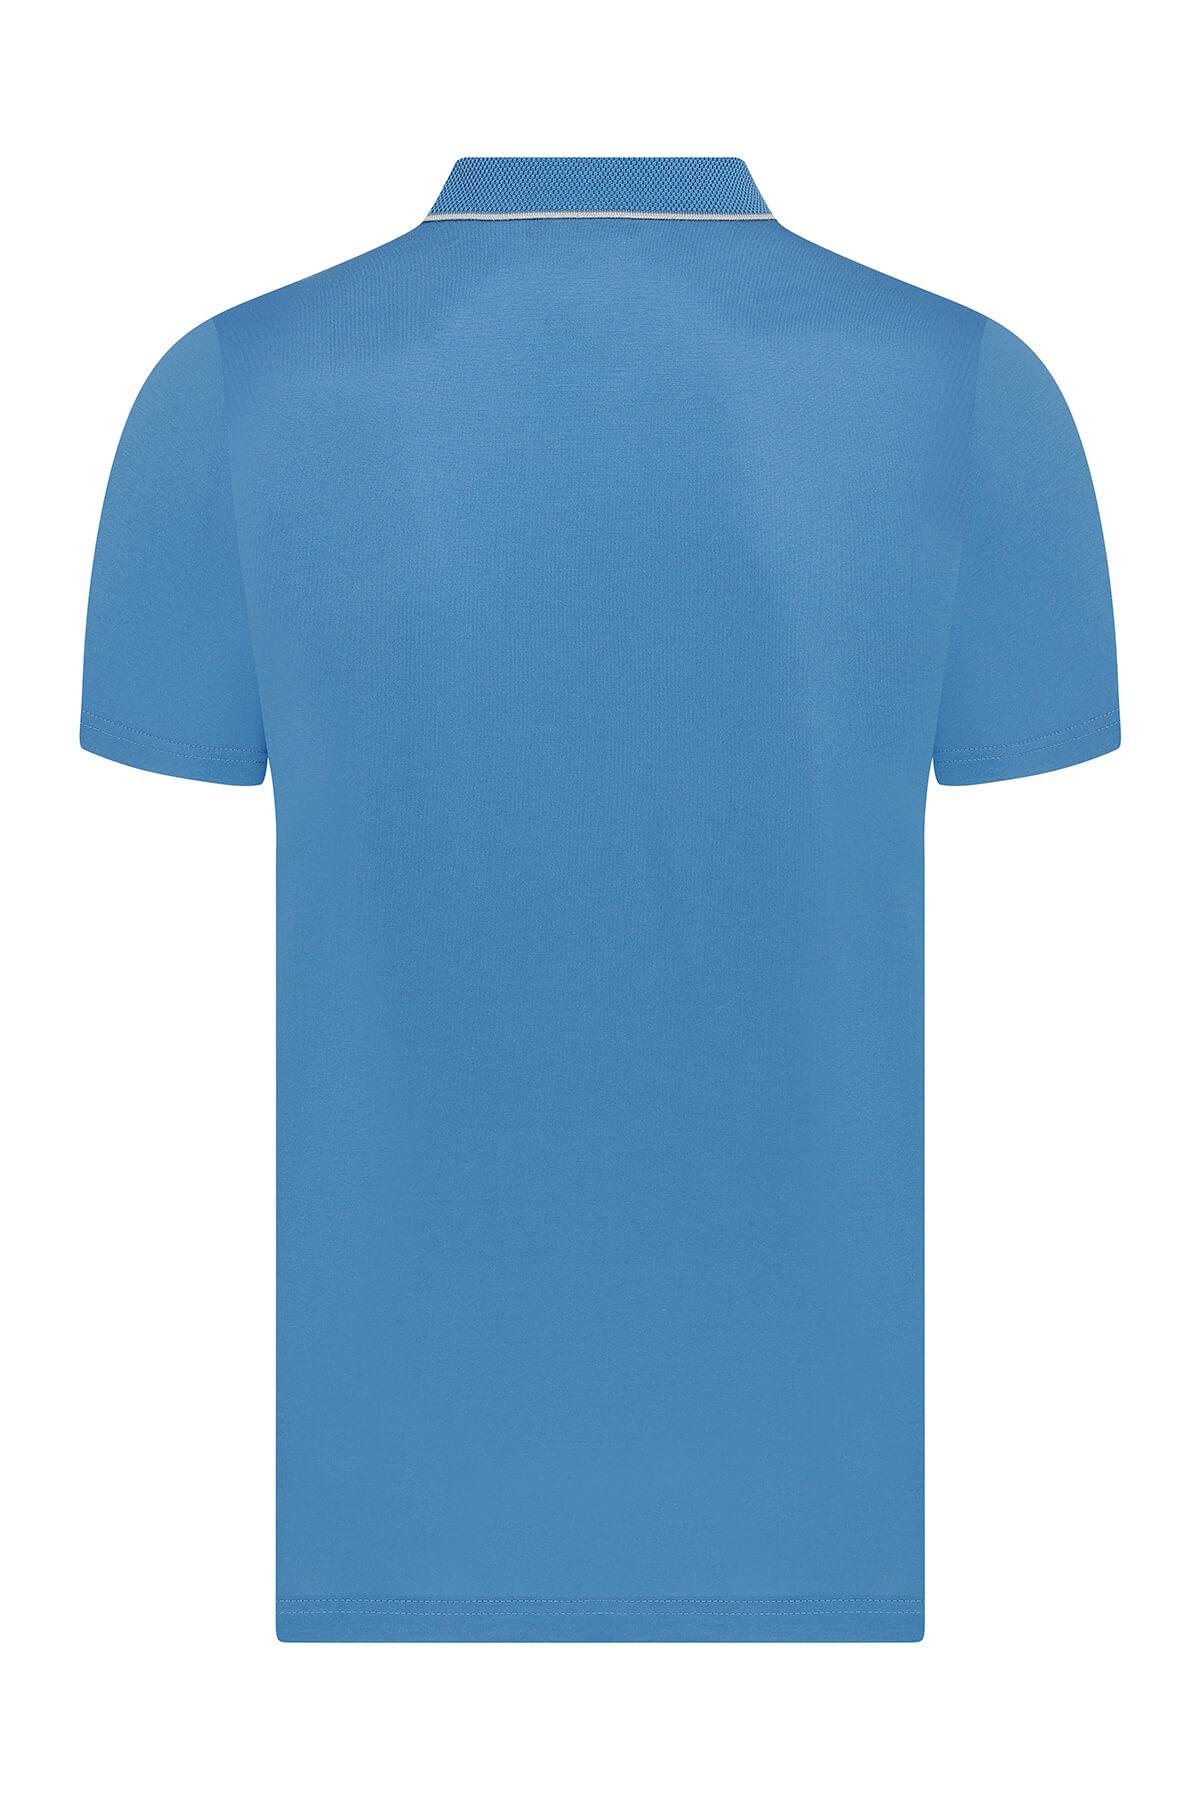 Mavi Polo Yaka Tişört